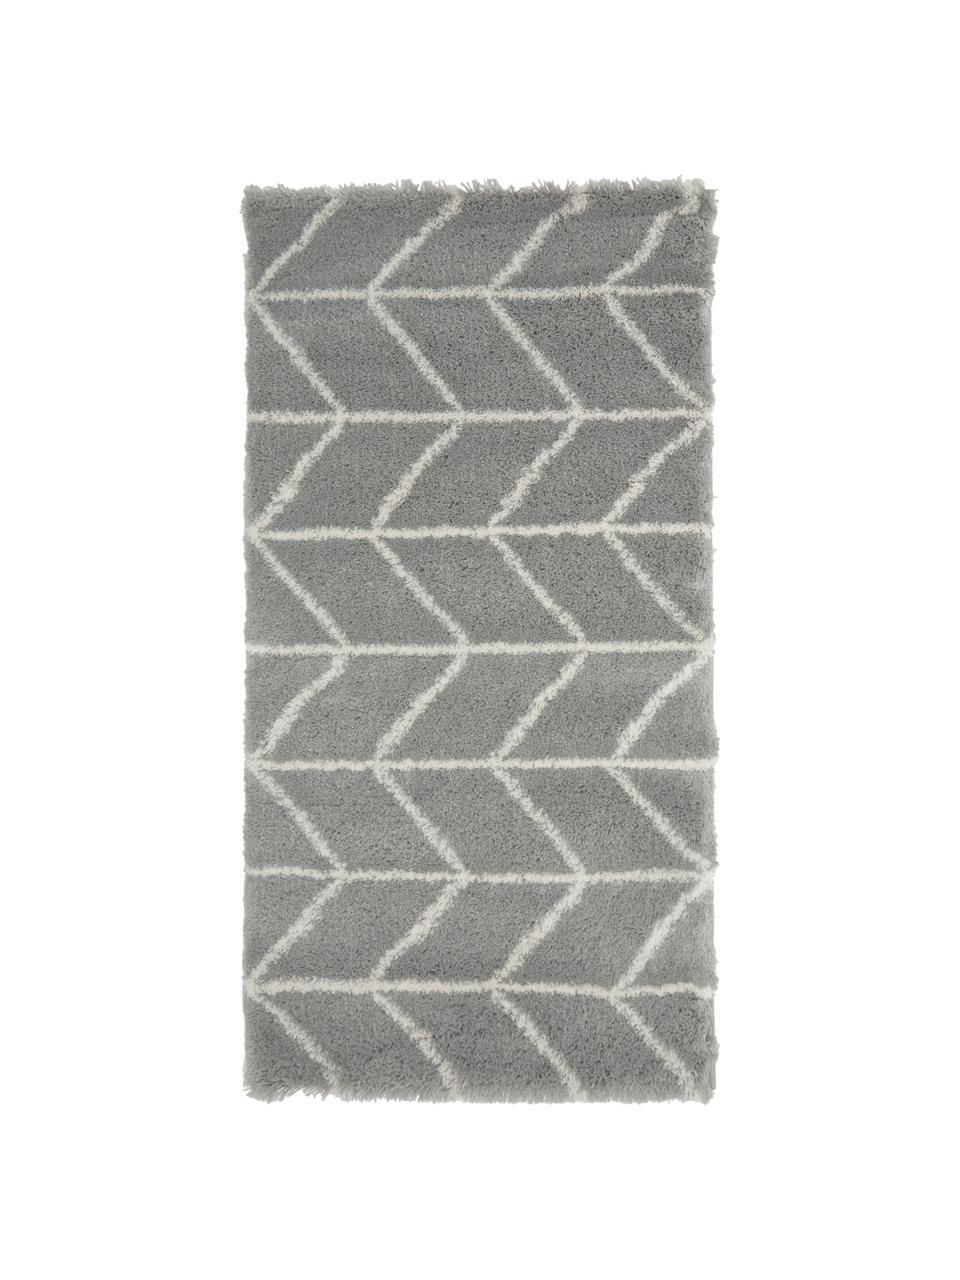 Hochflor-Teppich Cera in Grau/Creme, Flor: 100% Polypropylen, Grau, Cremeweiß, B 120 x L 180 cm (Größe S)